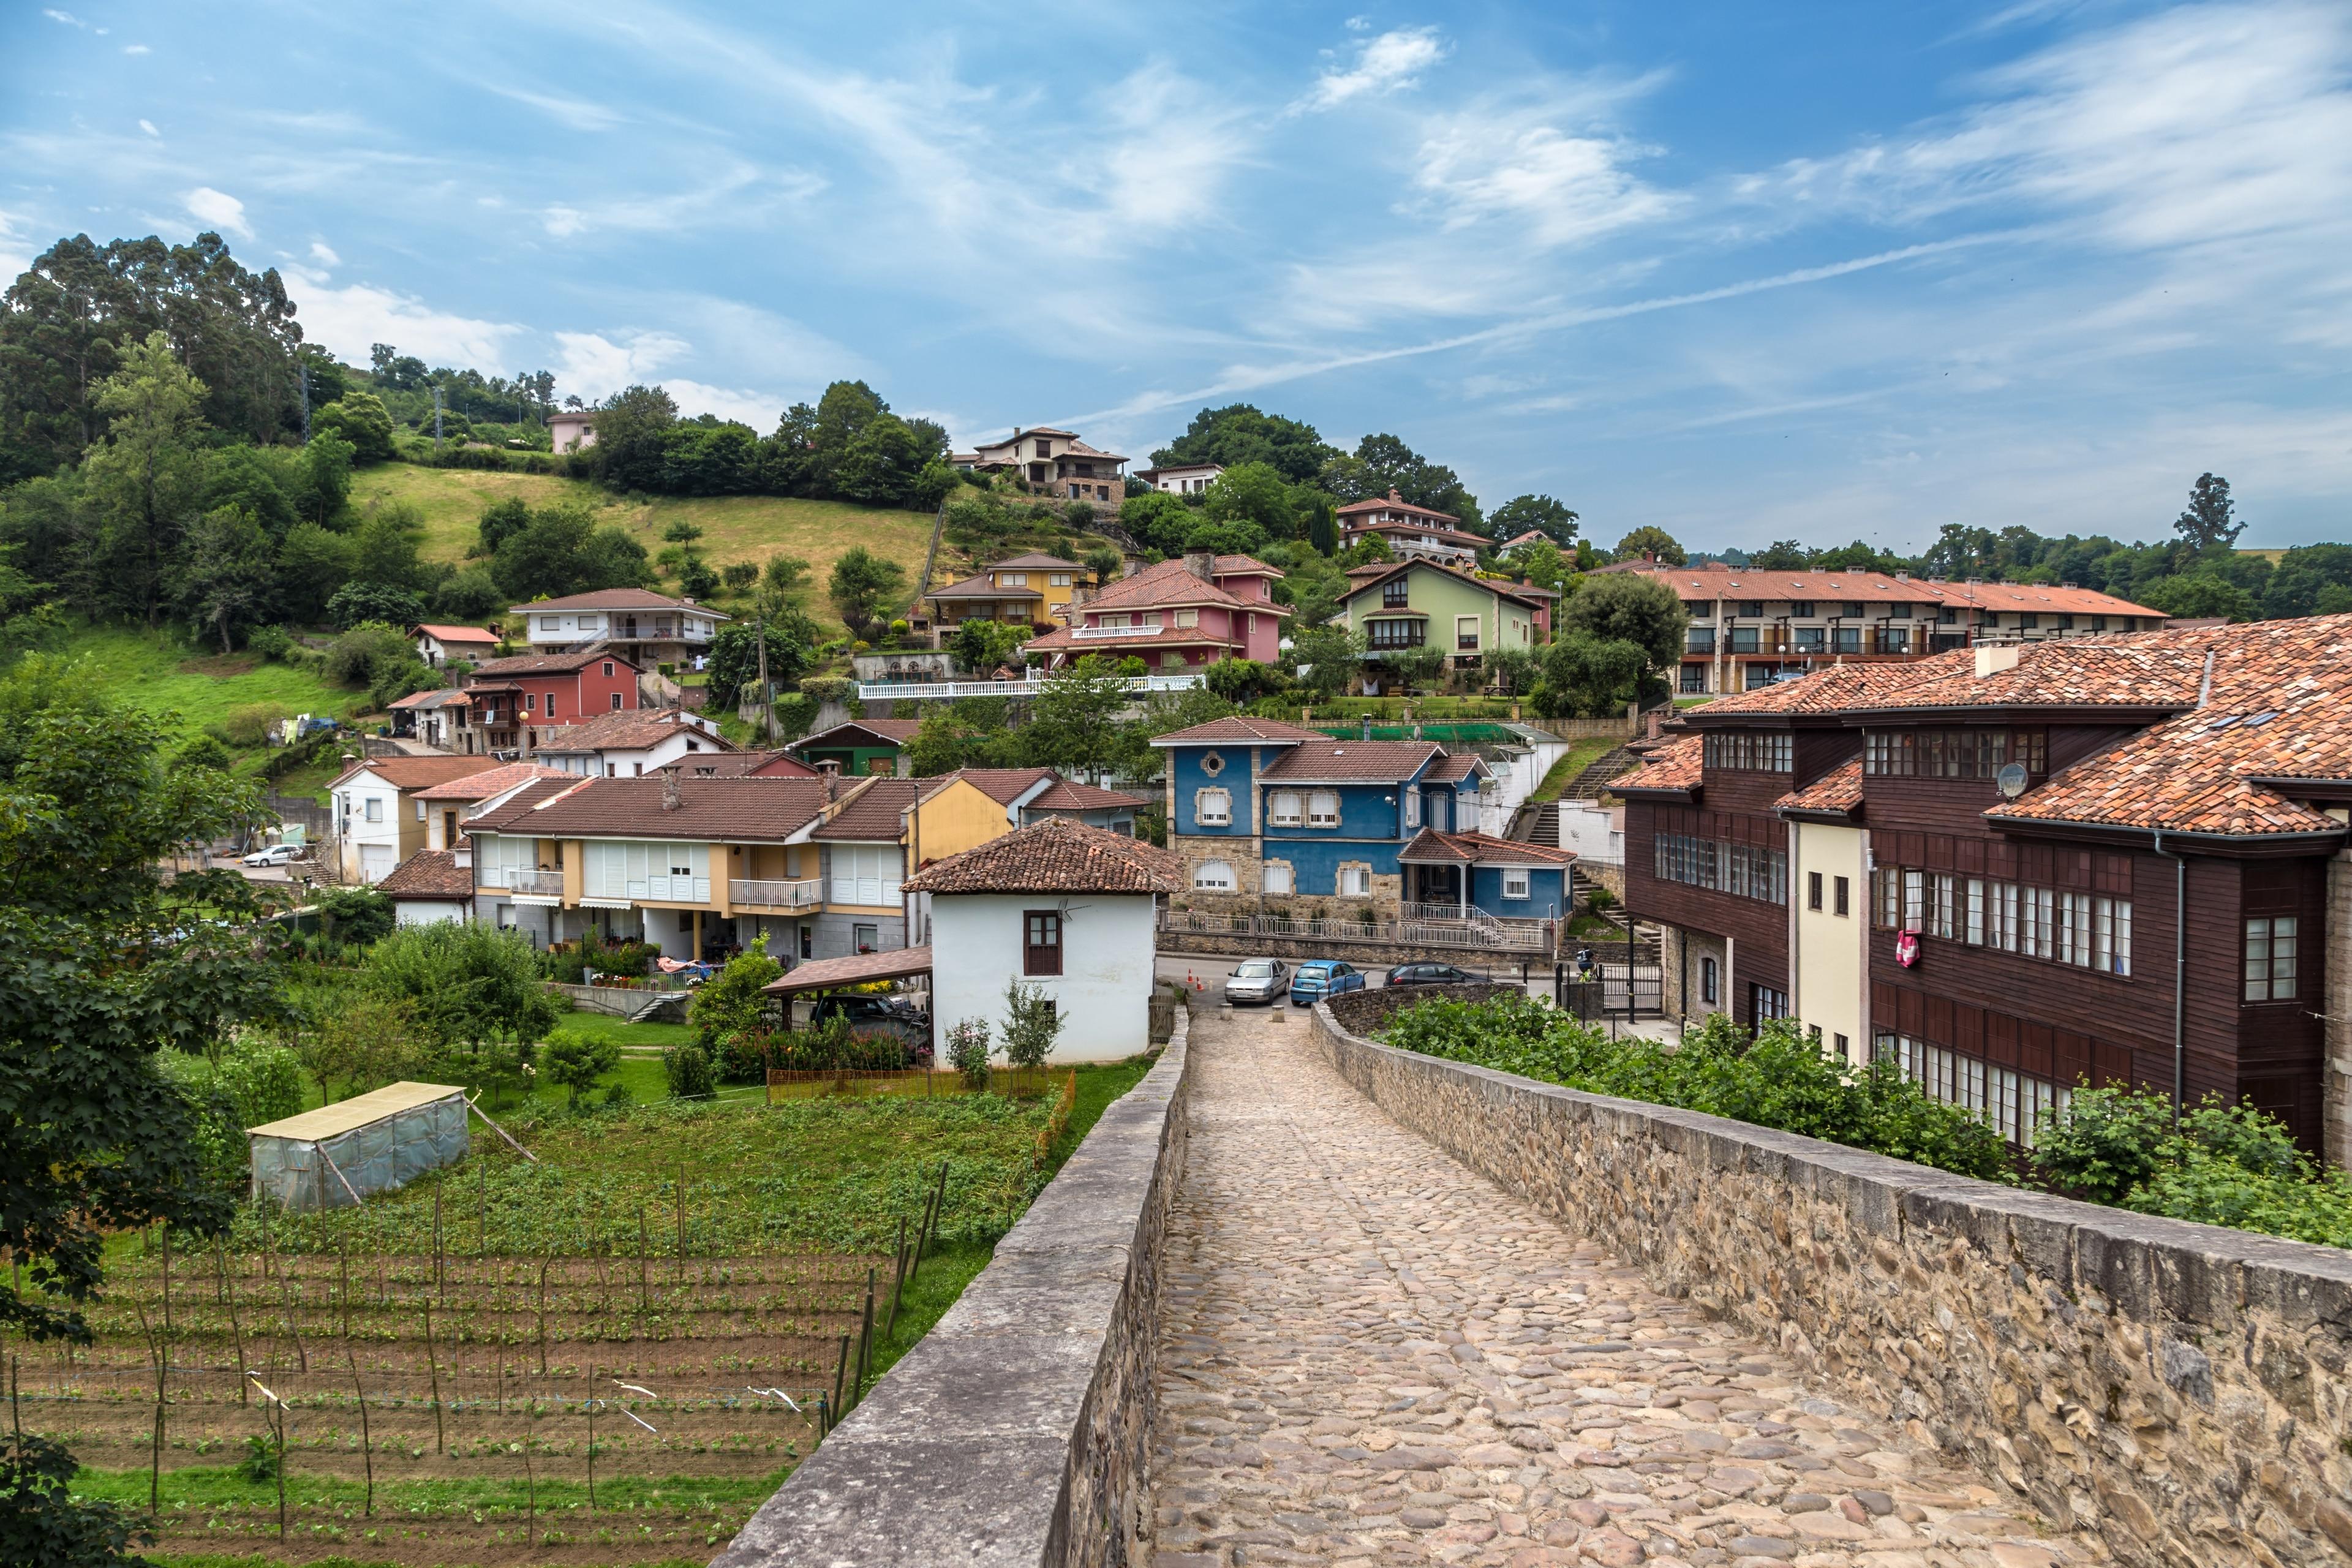 Onis, Asturias, Spain